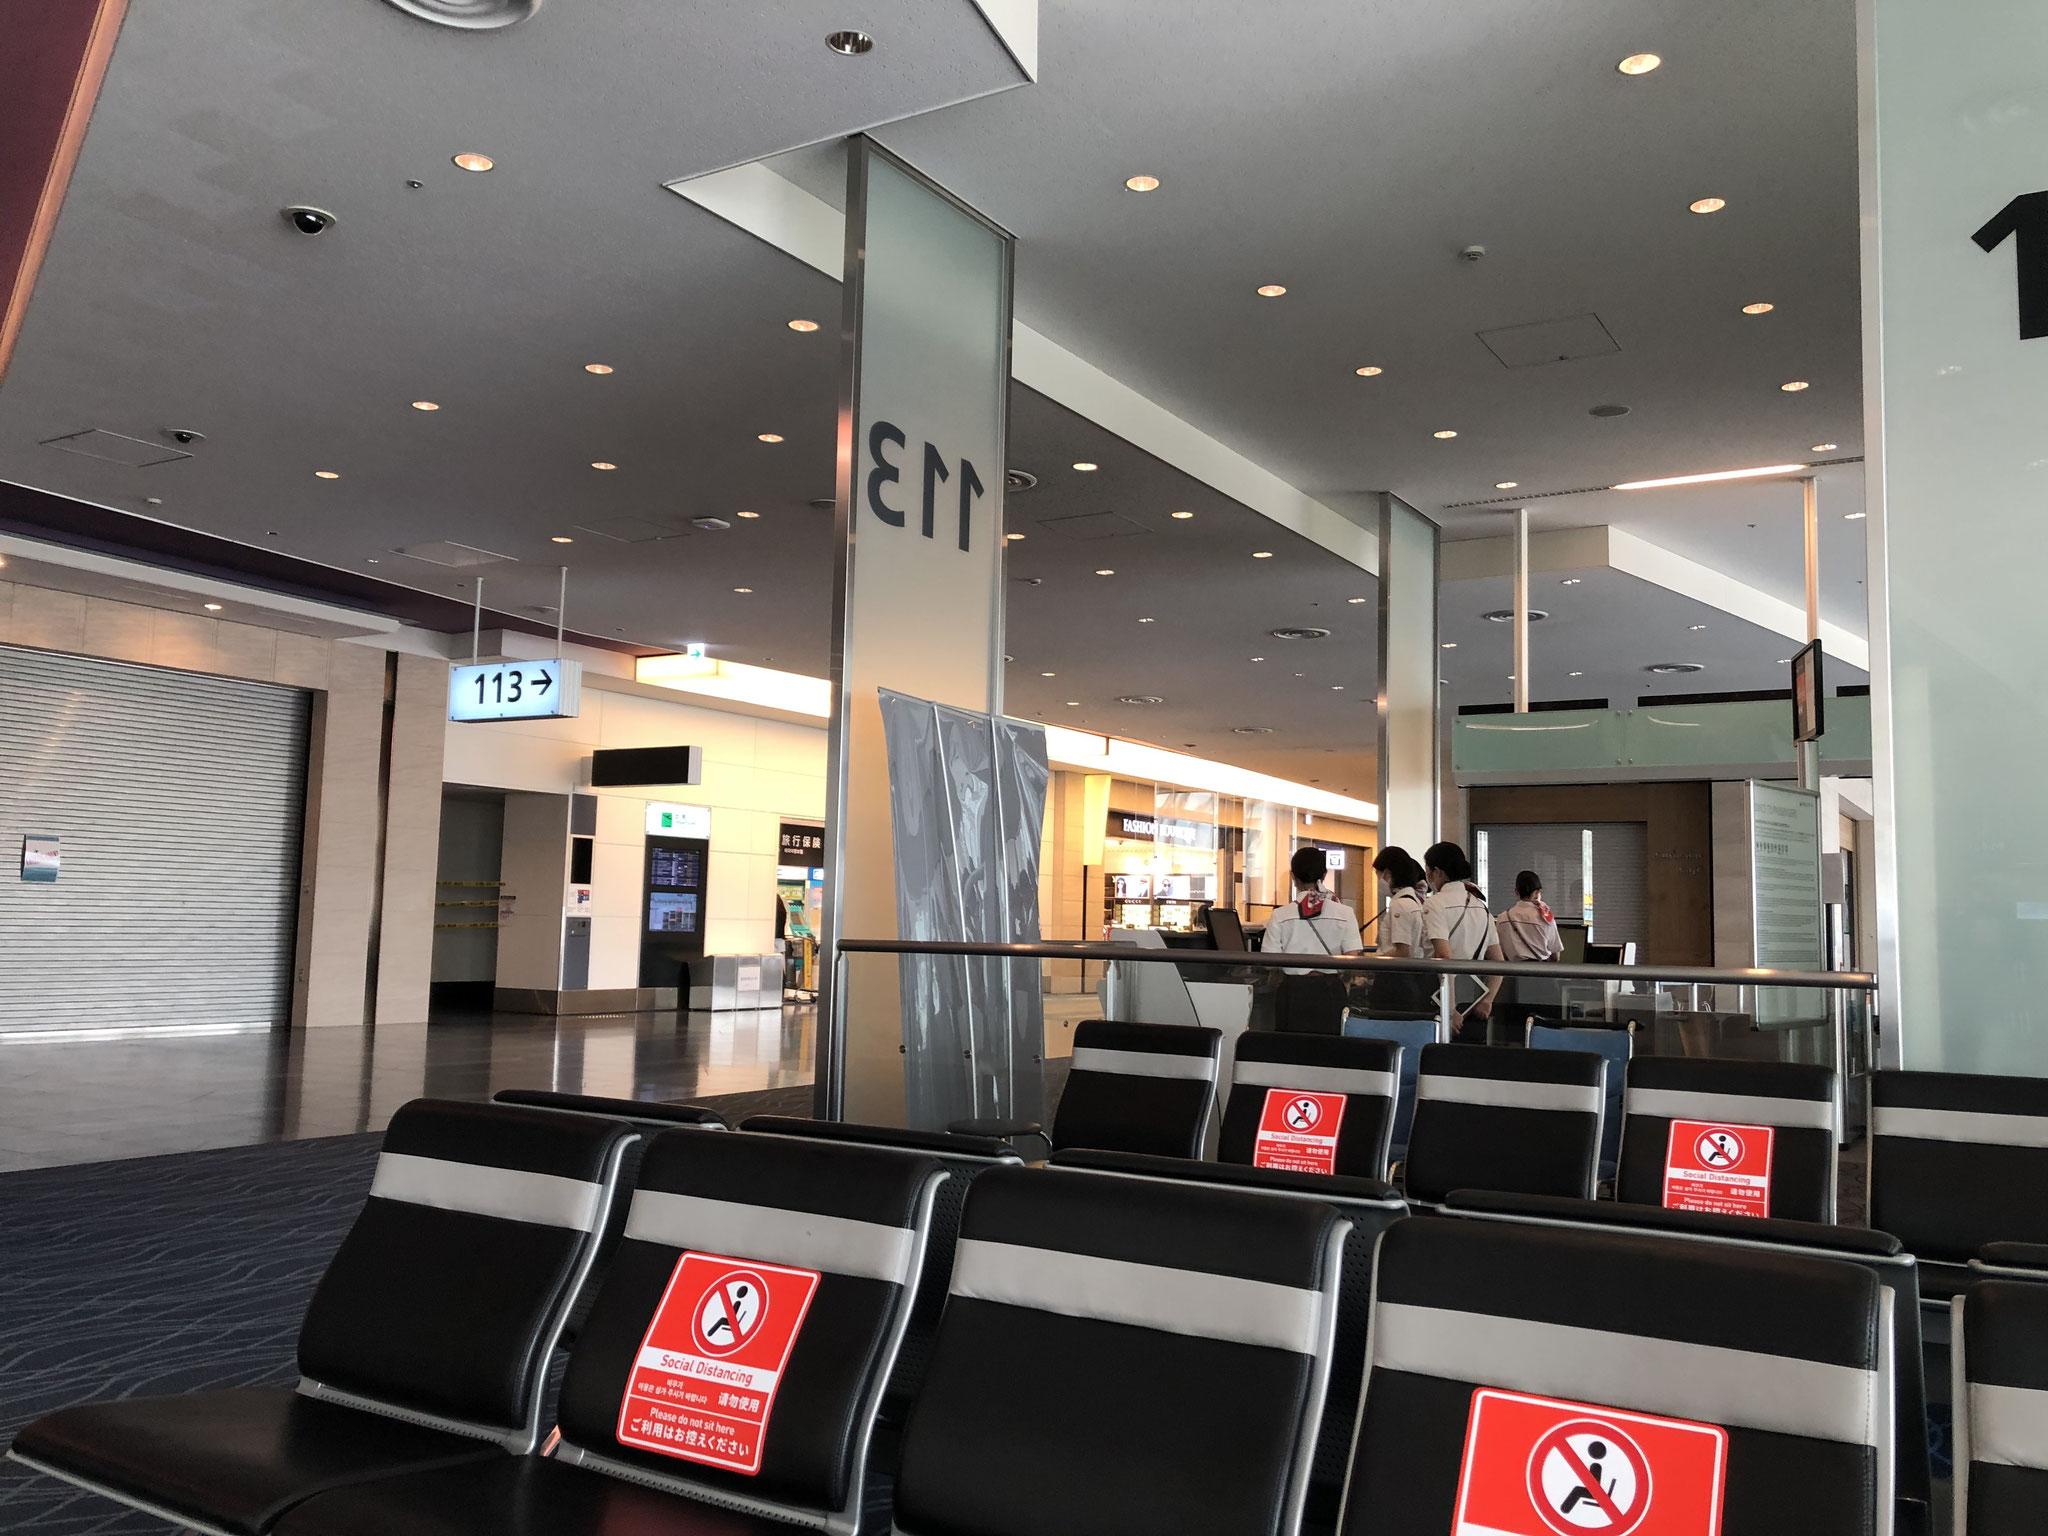 誰もいないパリ行きの羽田空港国際線ターミナルの搭乗口